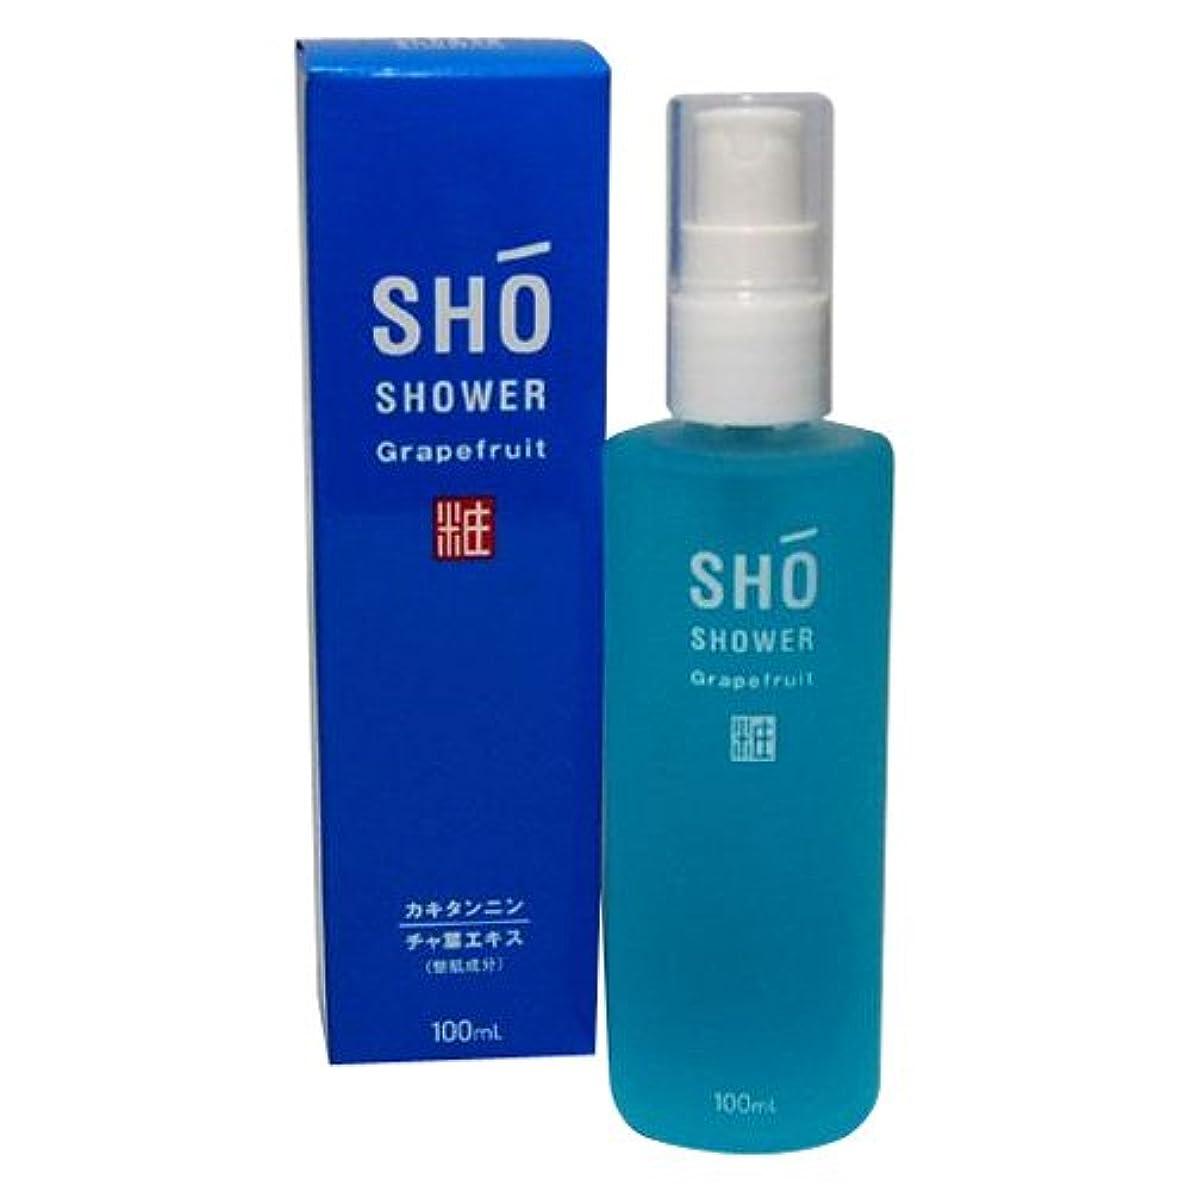 粧 シャワー